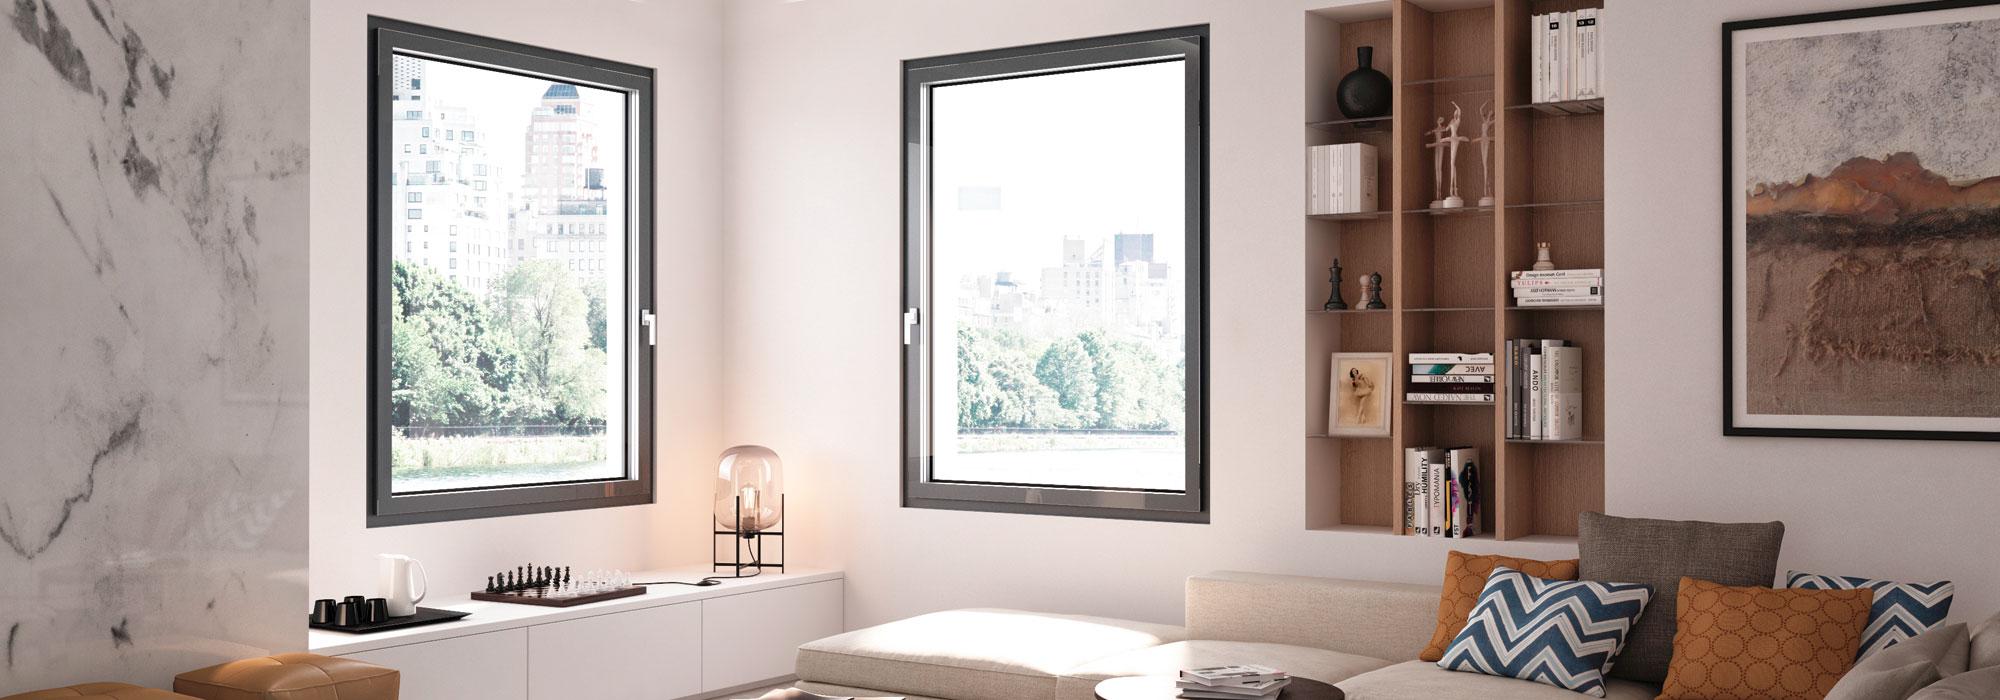 DF-Sistemi-Serramenti-e-Porte-Soggiorno-con-finestre-Prolux-Vitro-di-Oknoplast-home